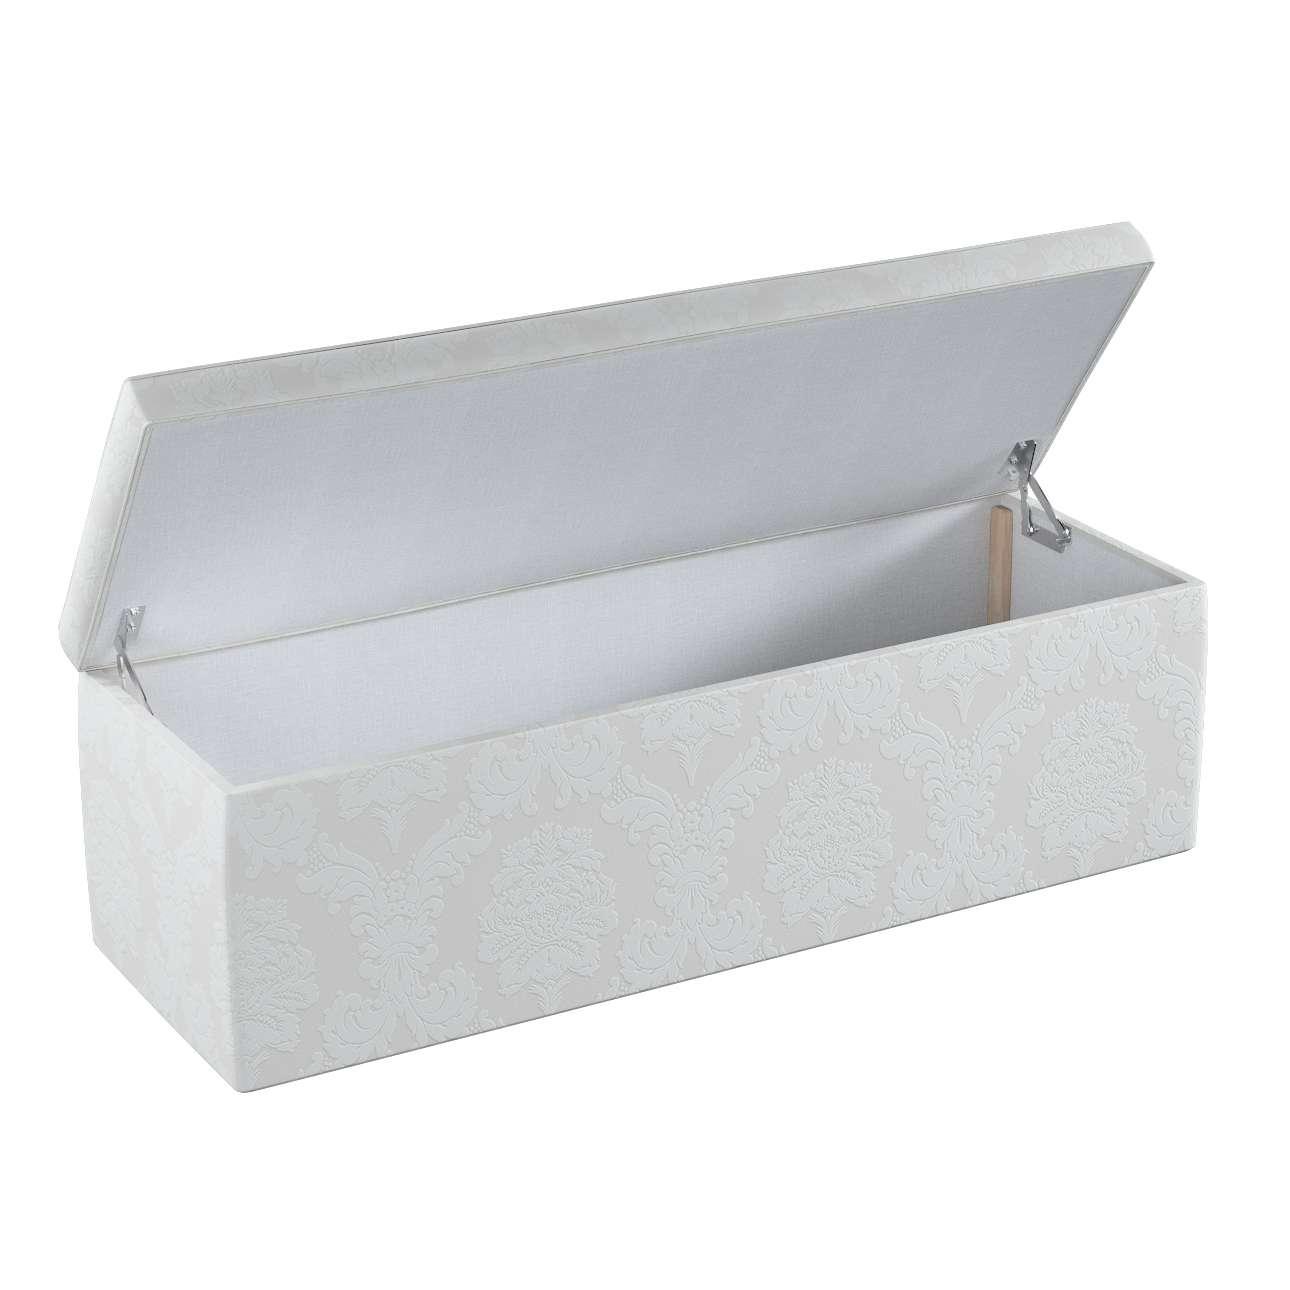 Čalouněná skříň s volbou látky - 2 velikosti v kolekci Damasco, látka: 613-81